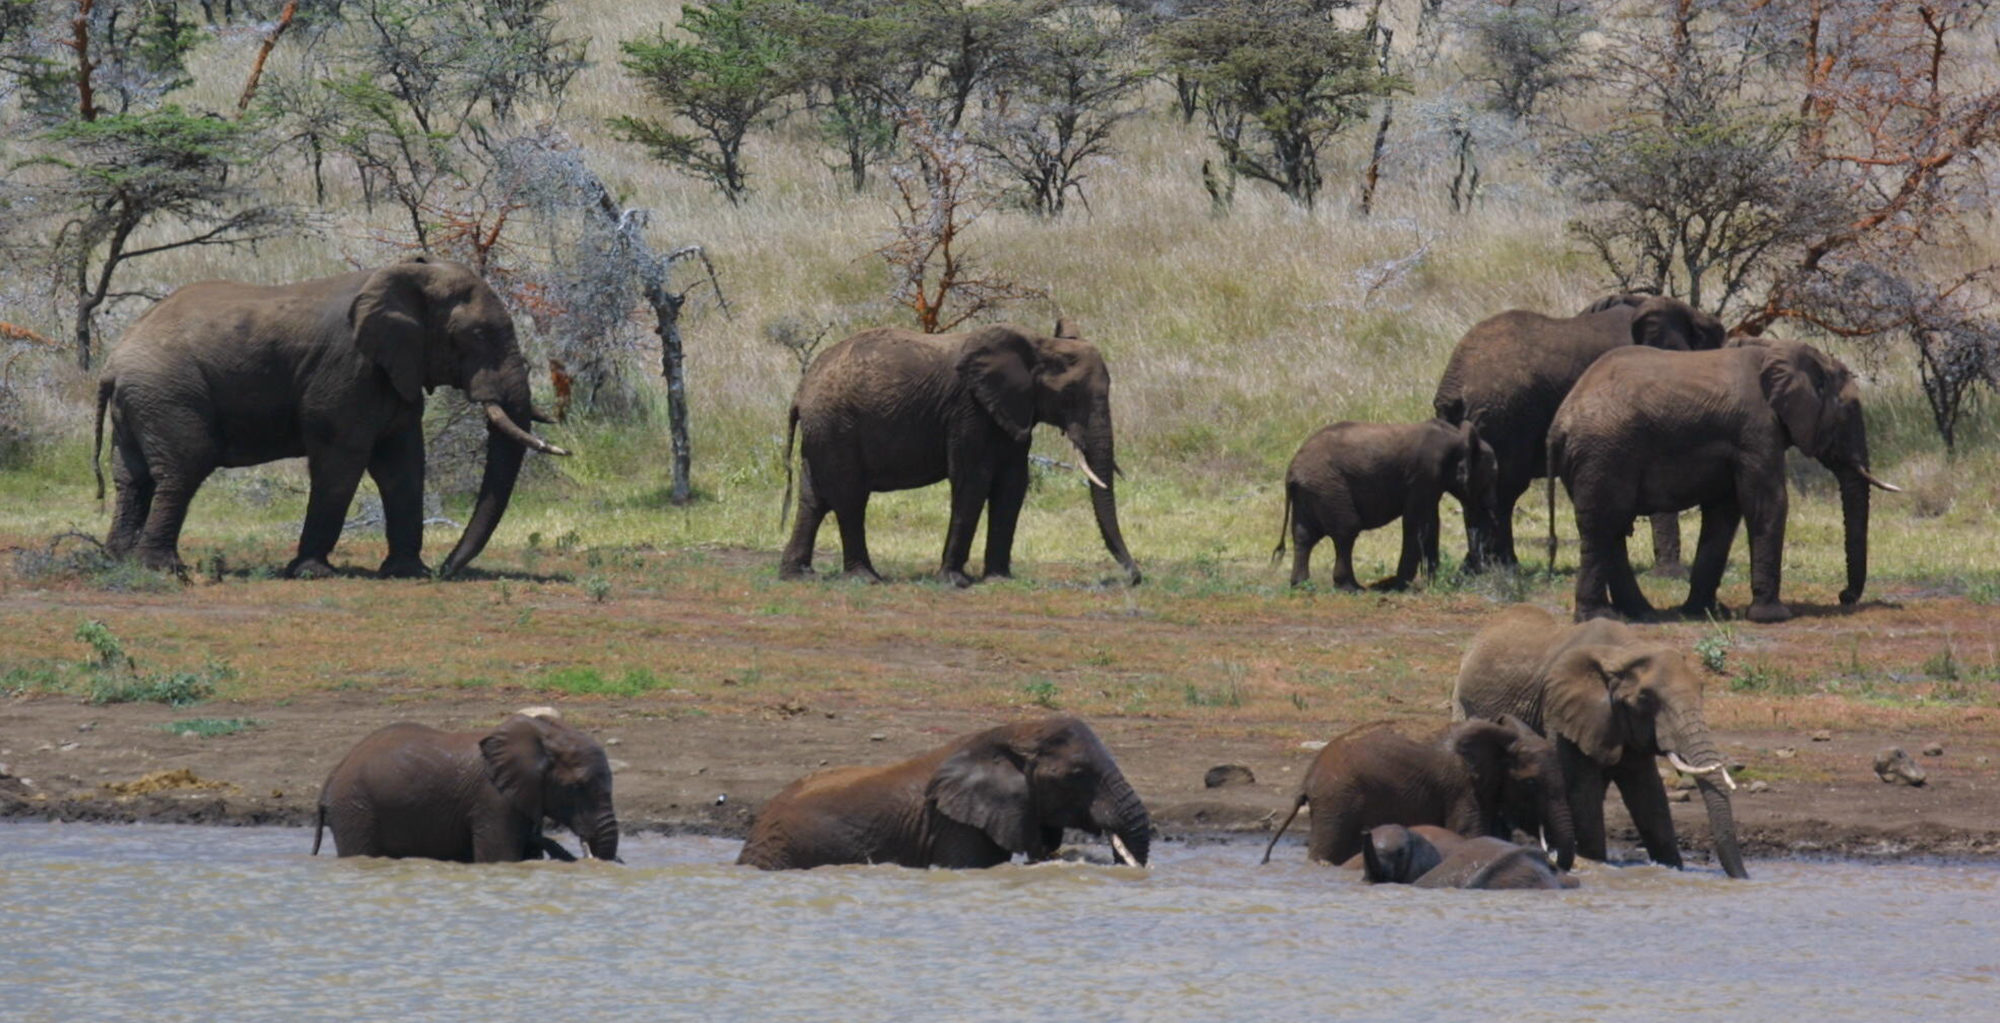 Kenya-Il-Ngwesi-Elephant